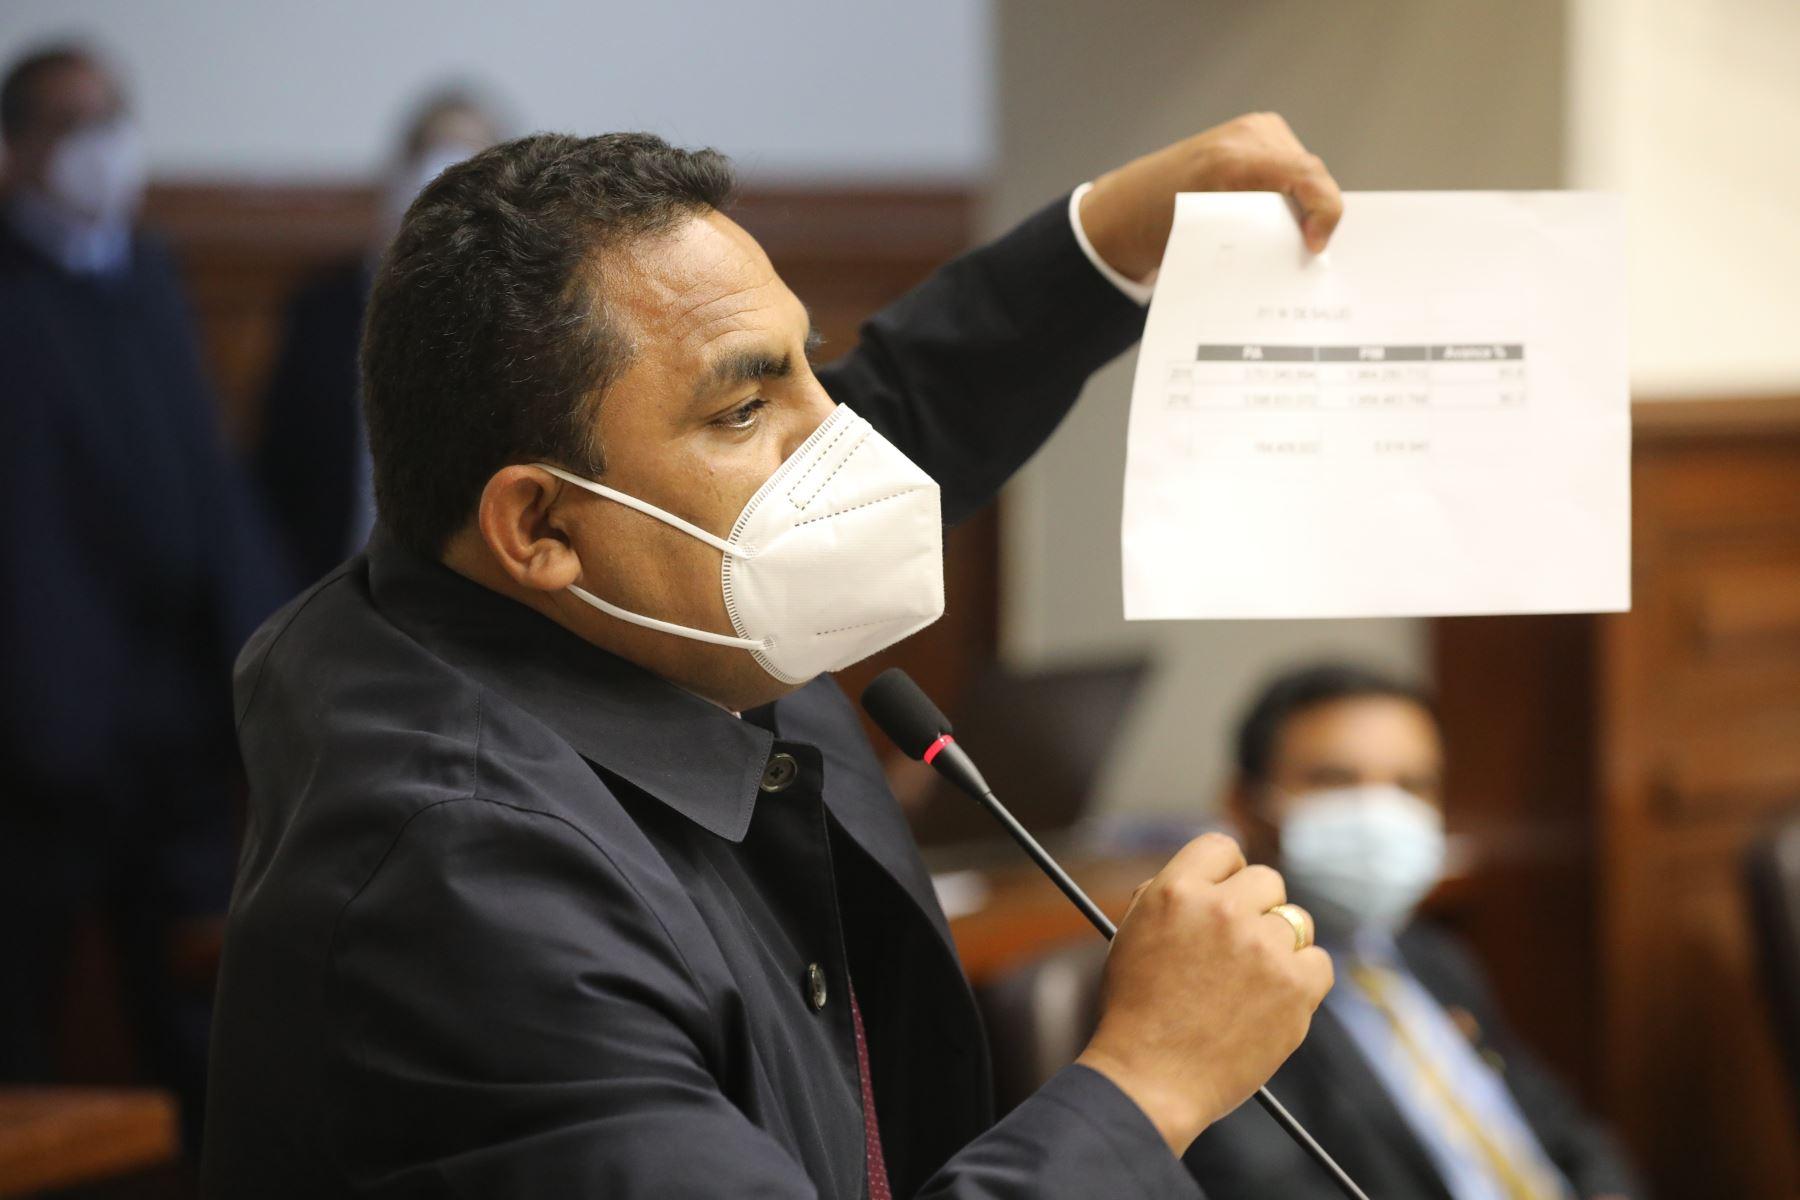 El legislador Aron Espinoza interviene en el debate del Pleno del Congreso sobre voto de confianza a gabinete Cateriano. Foto: Congreso